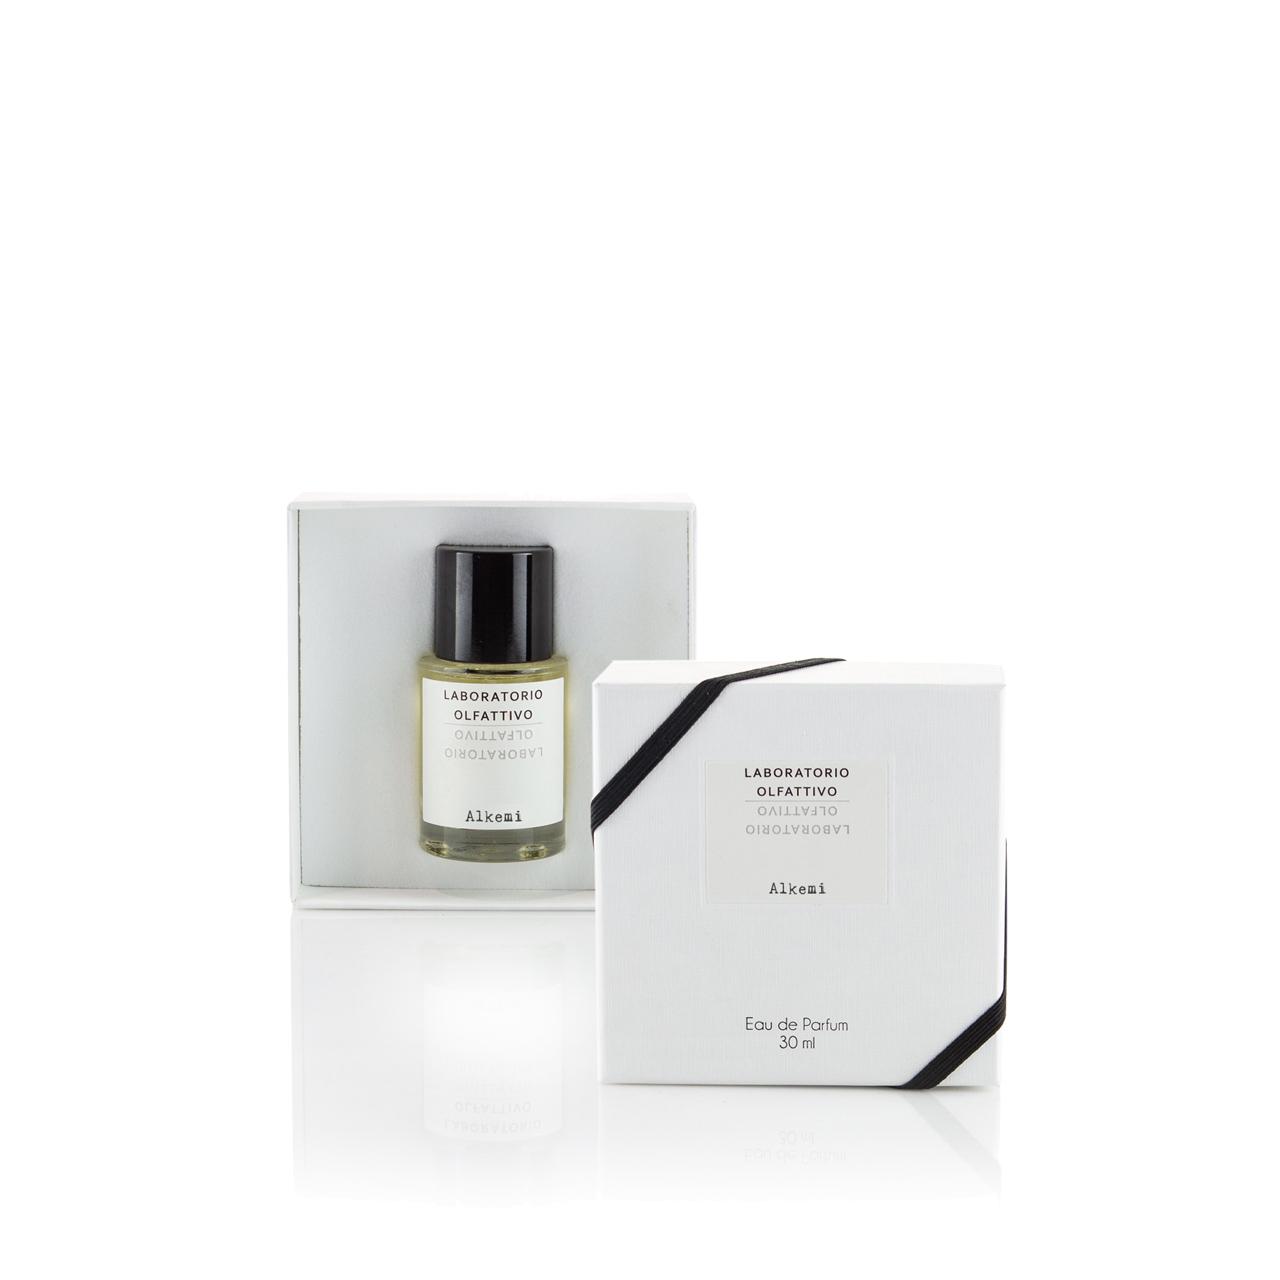 Alkemi - Eau de Parfum